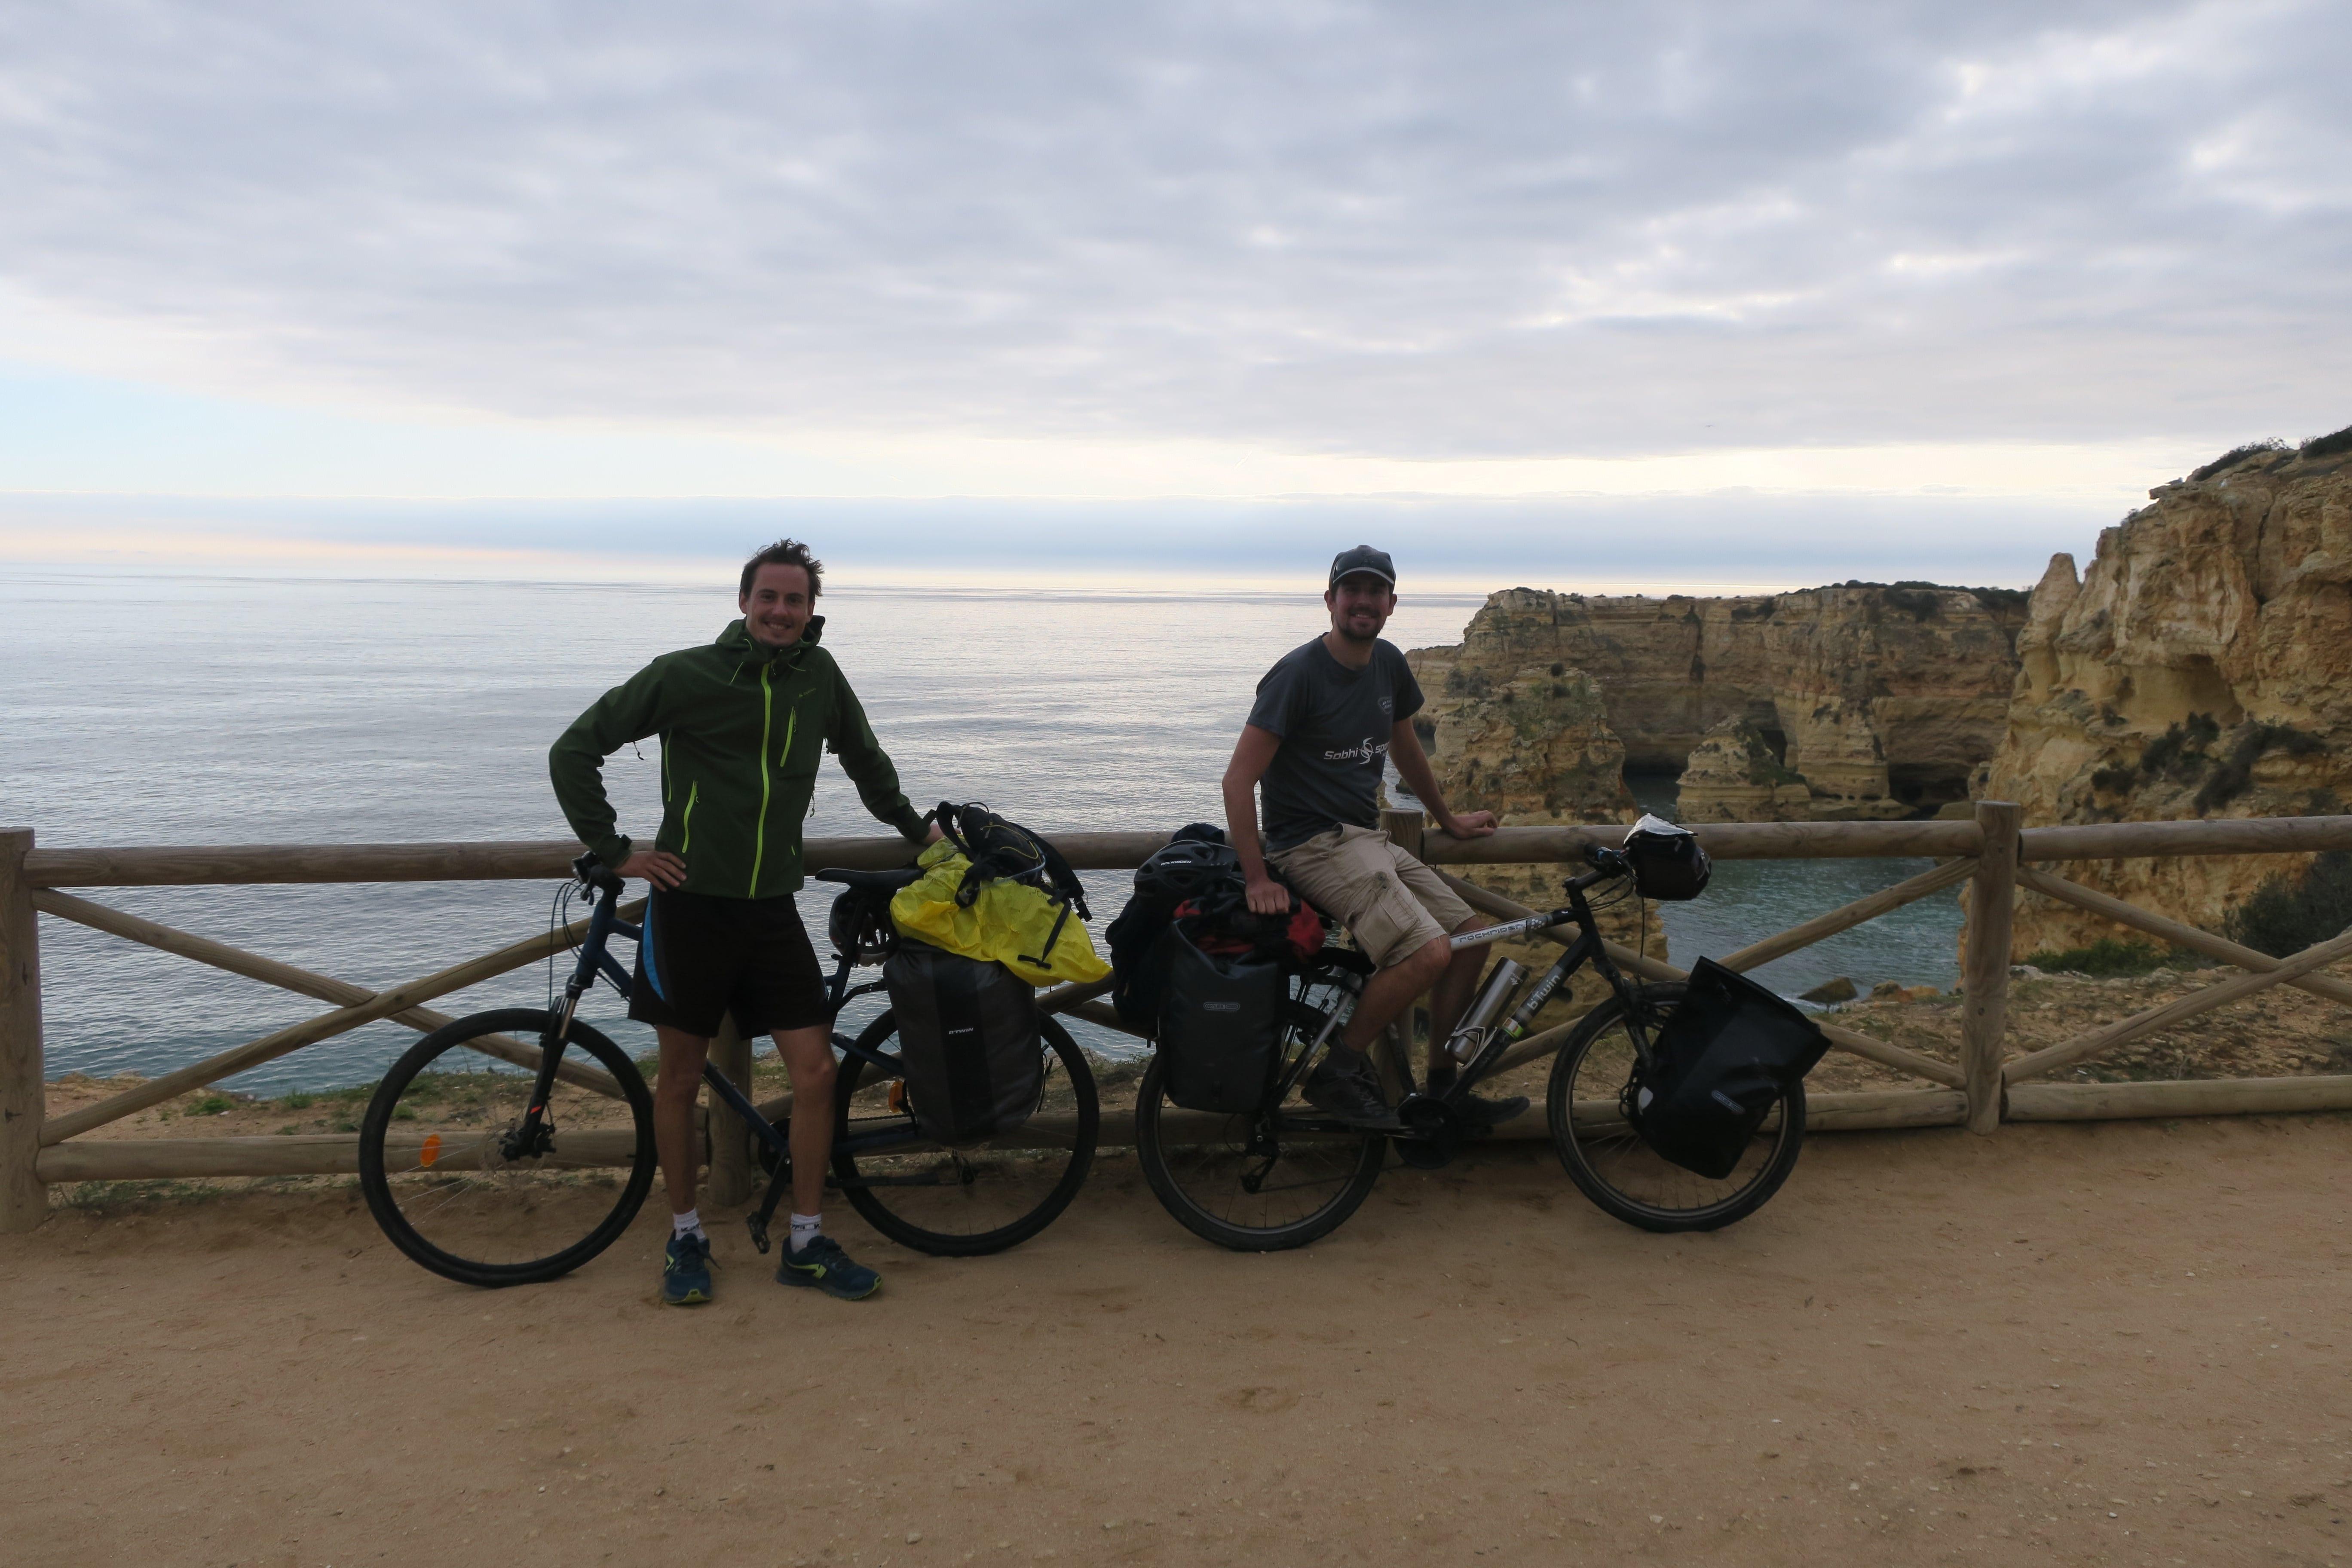 Voyage à vélo en hiver au Portugal Algarve